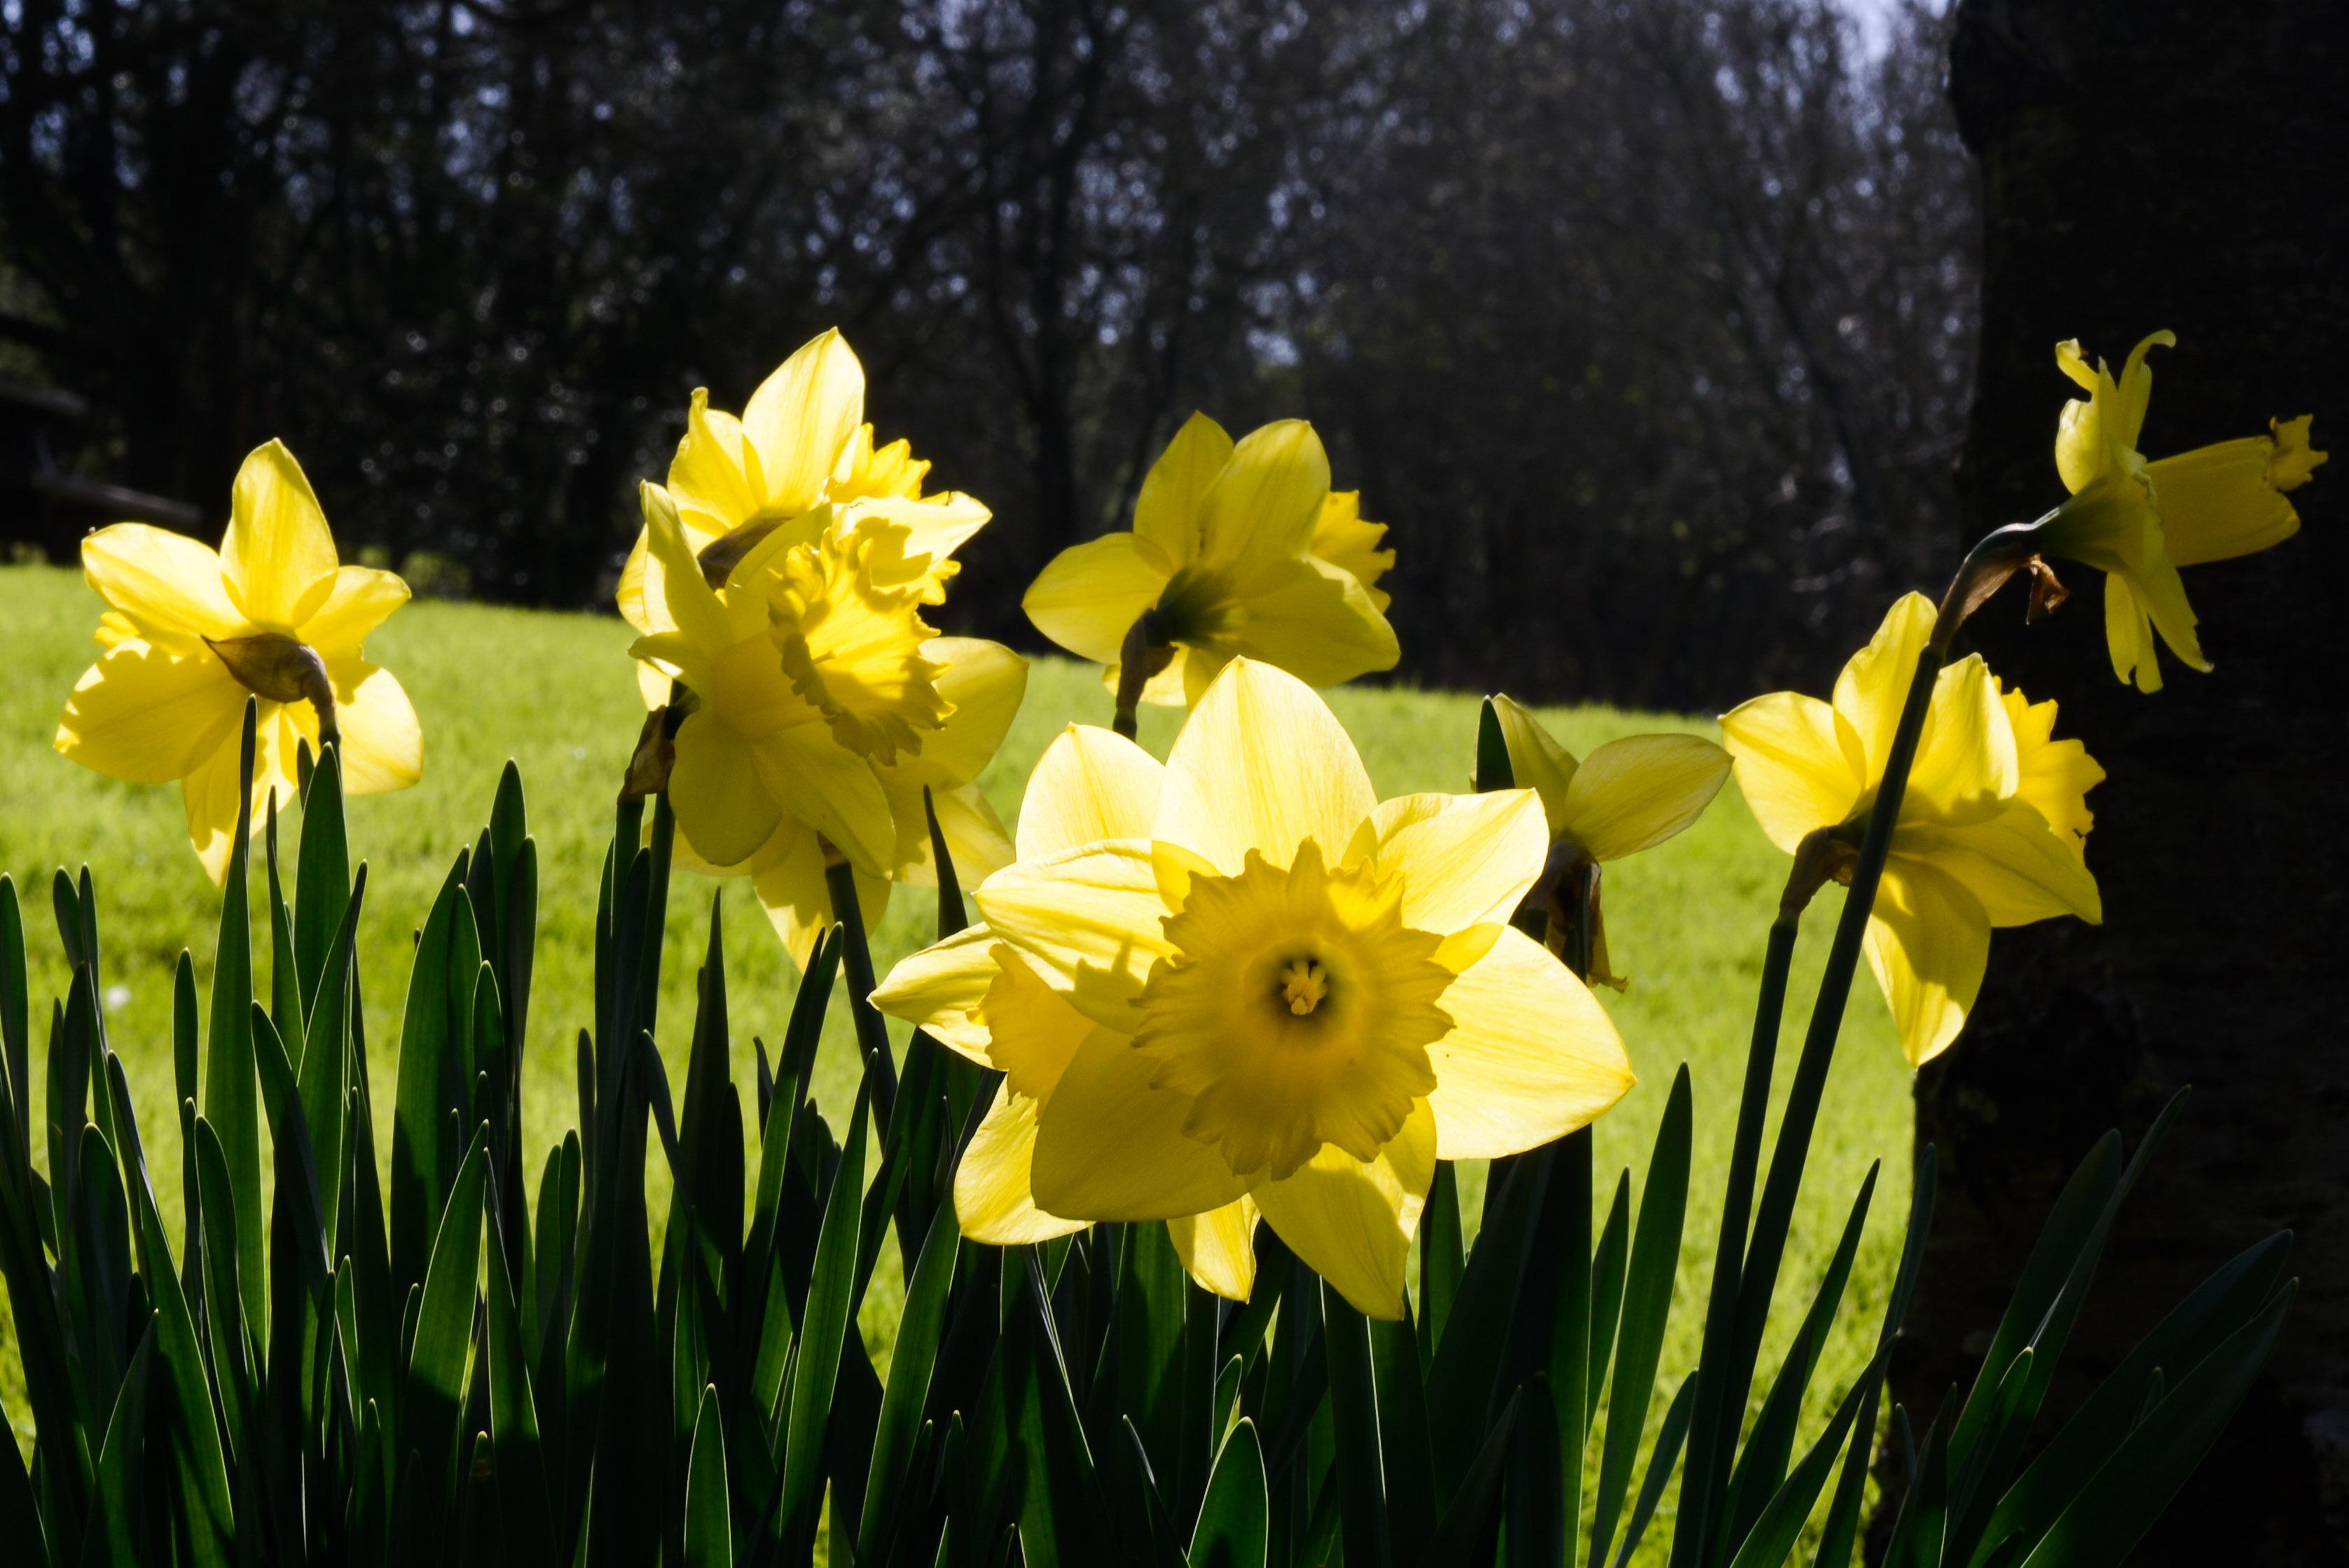 Spring in Dorset at Upton Grange